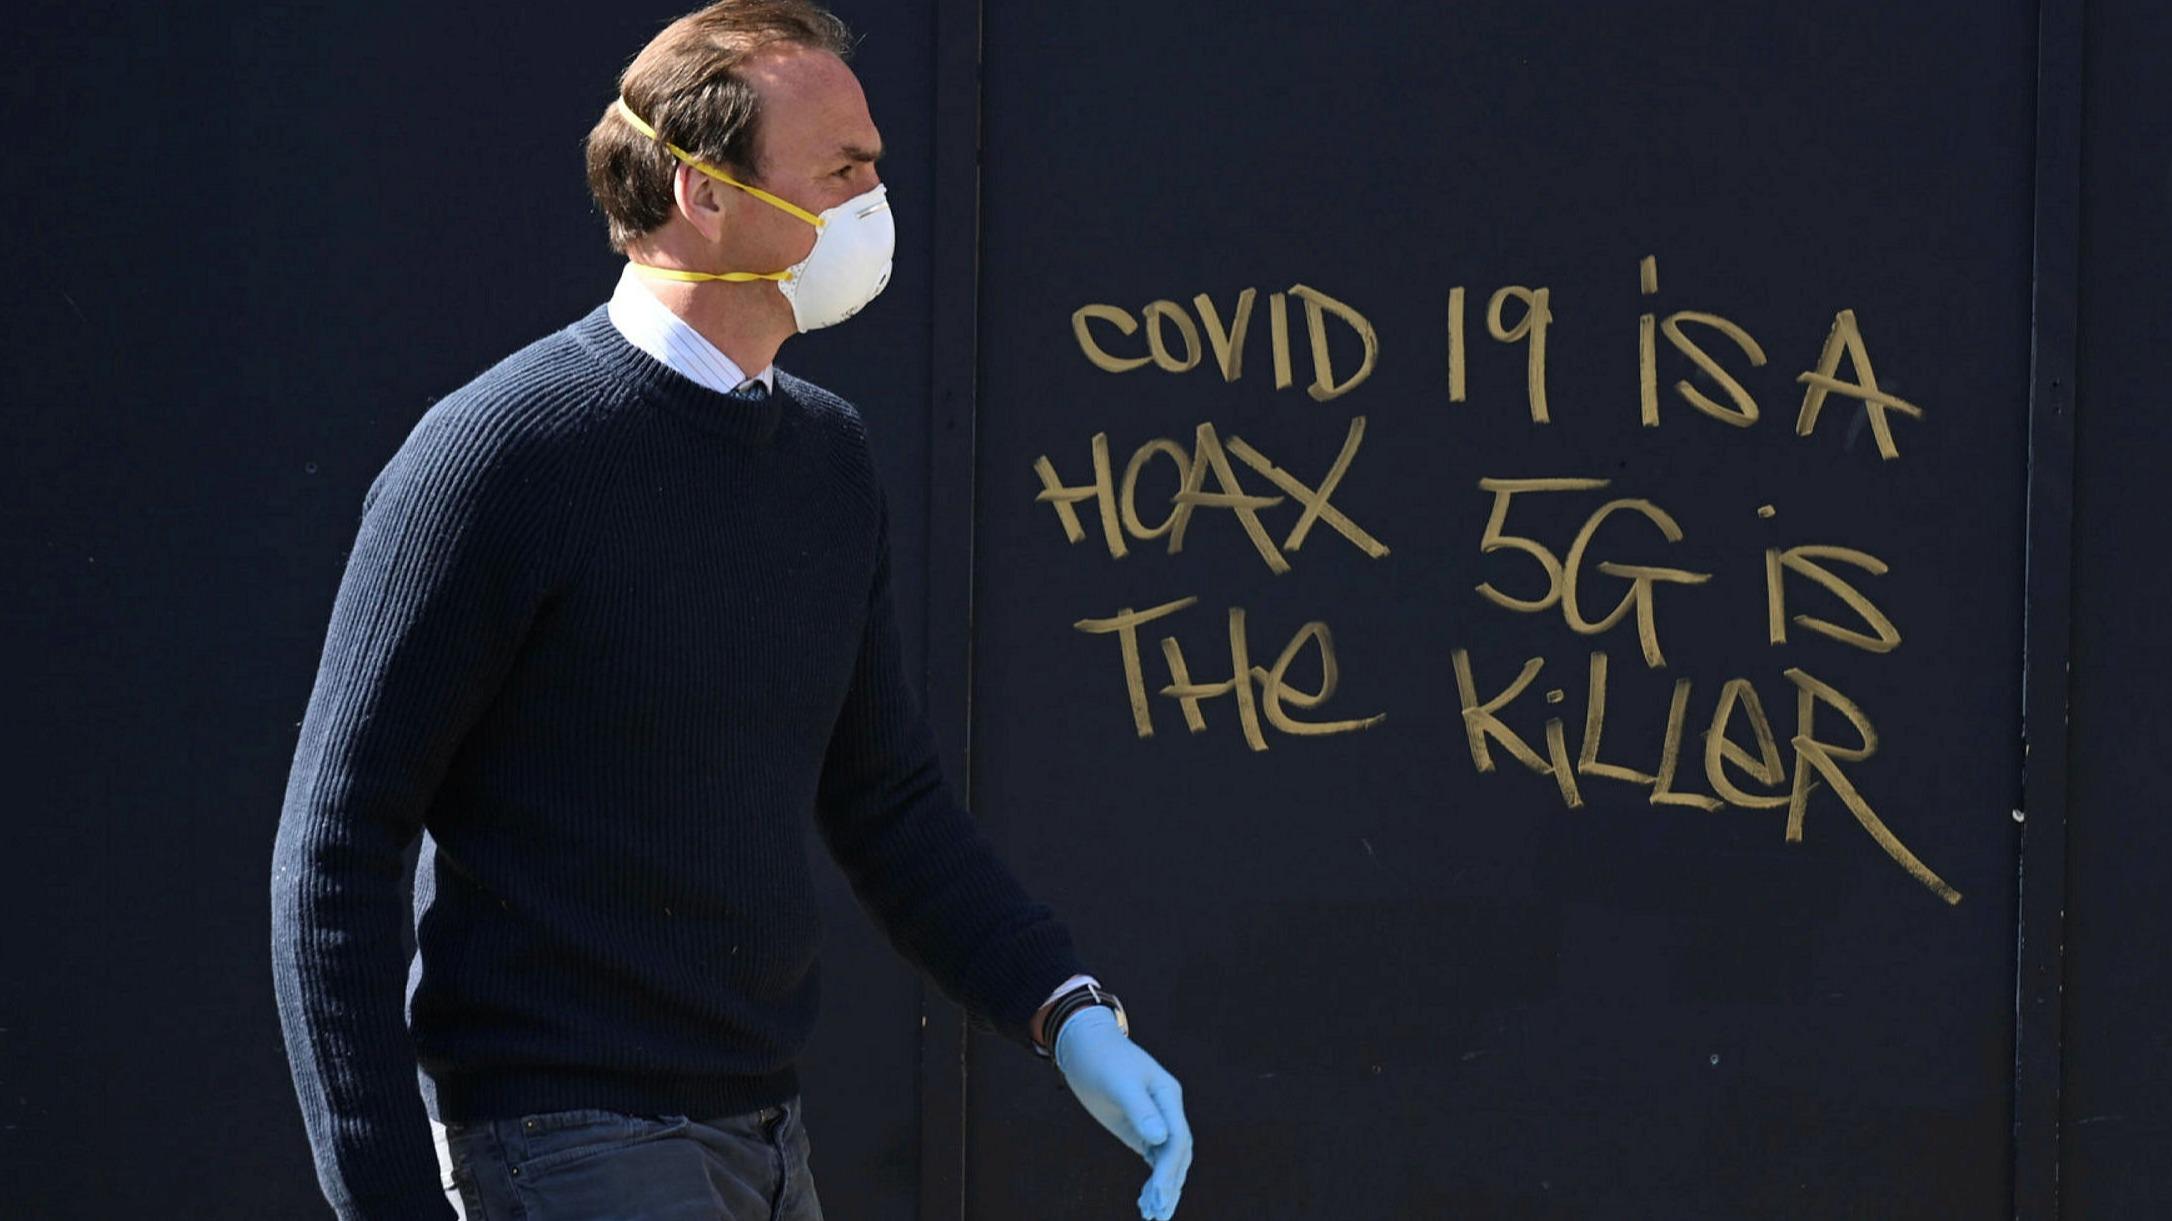 Modul in care teoria conspiratiei coronavirusului 5G a ajuns de la nimic la ceea ce este acum